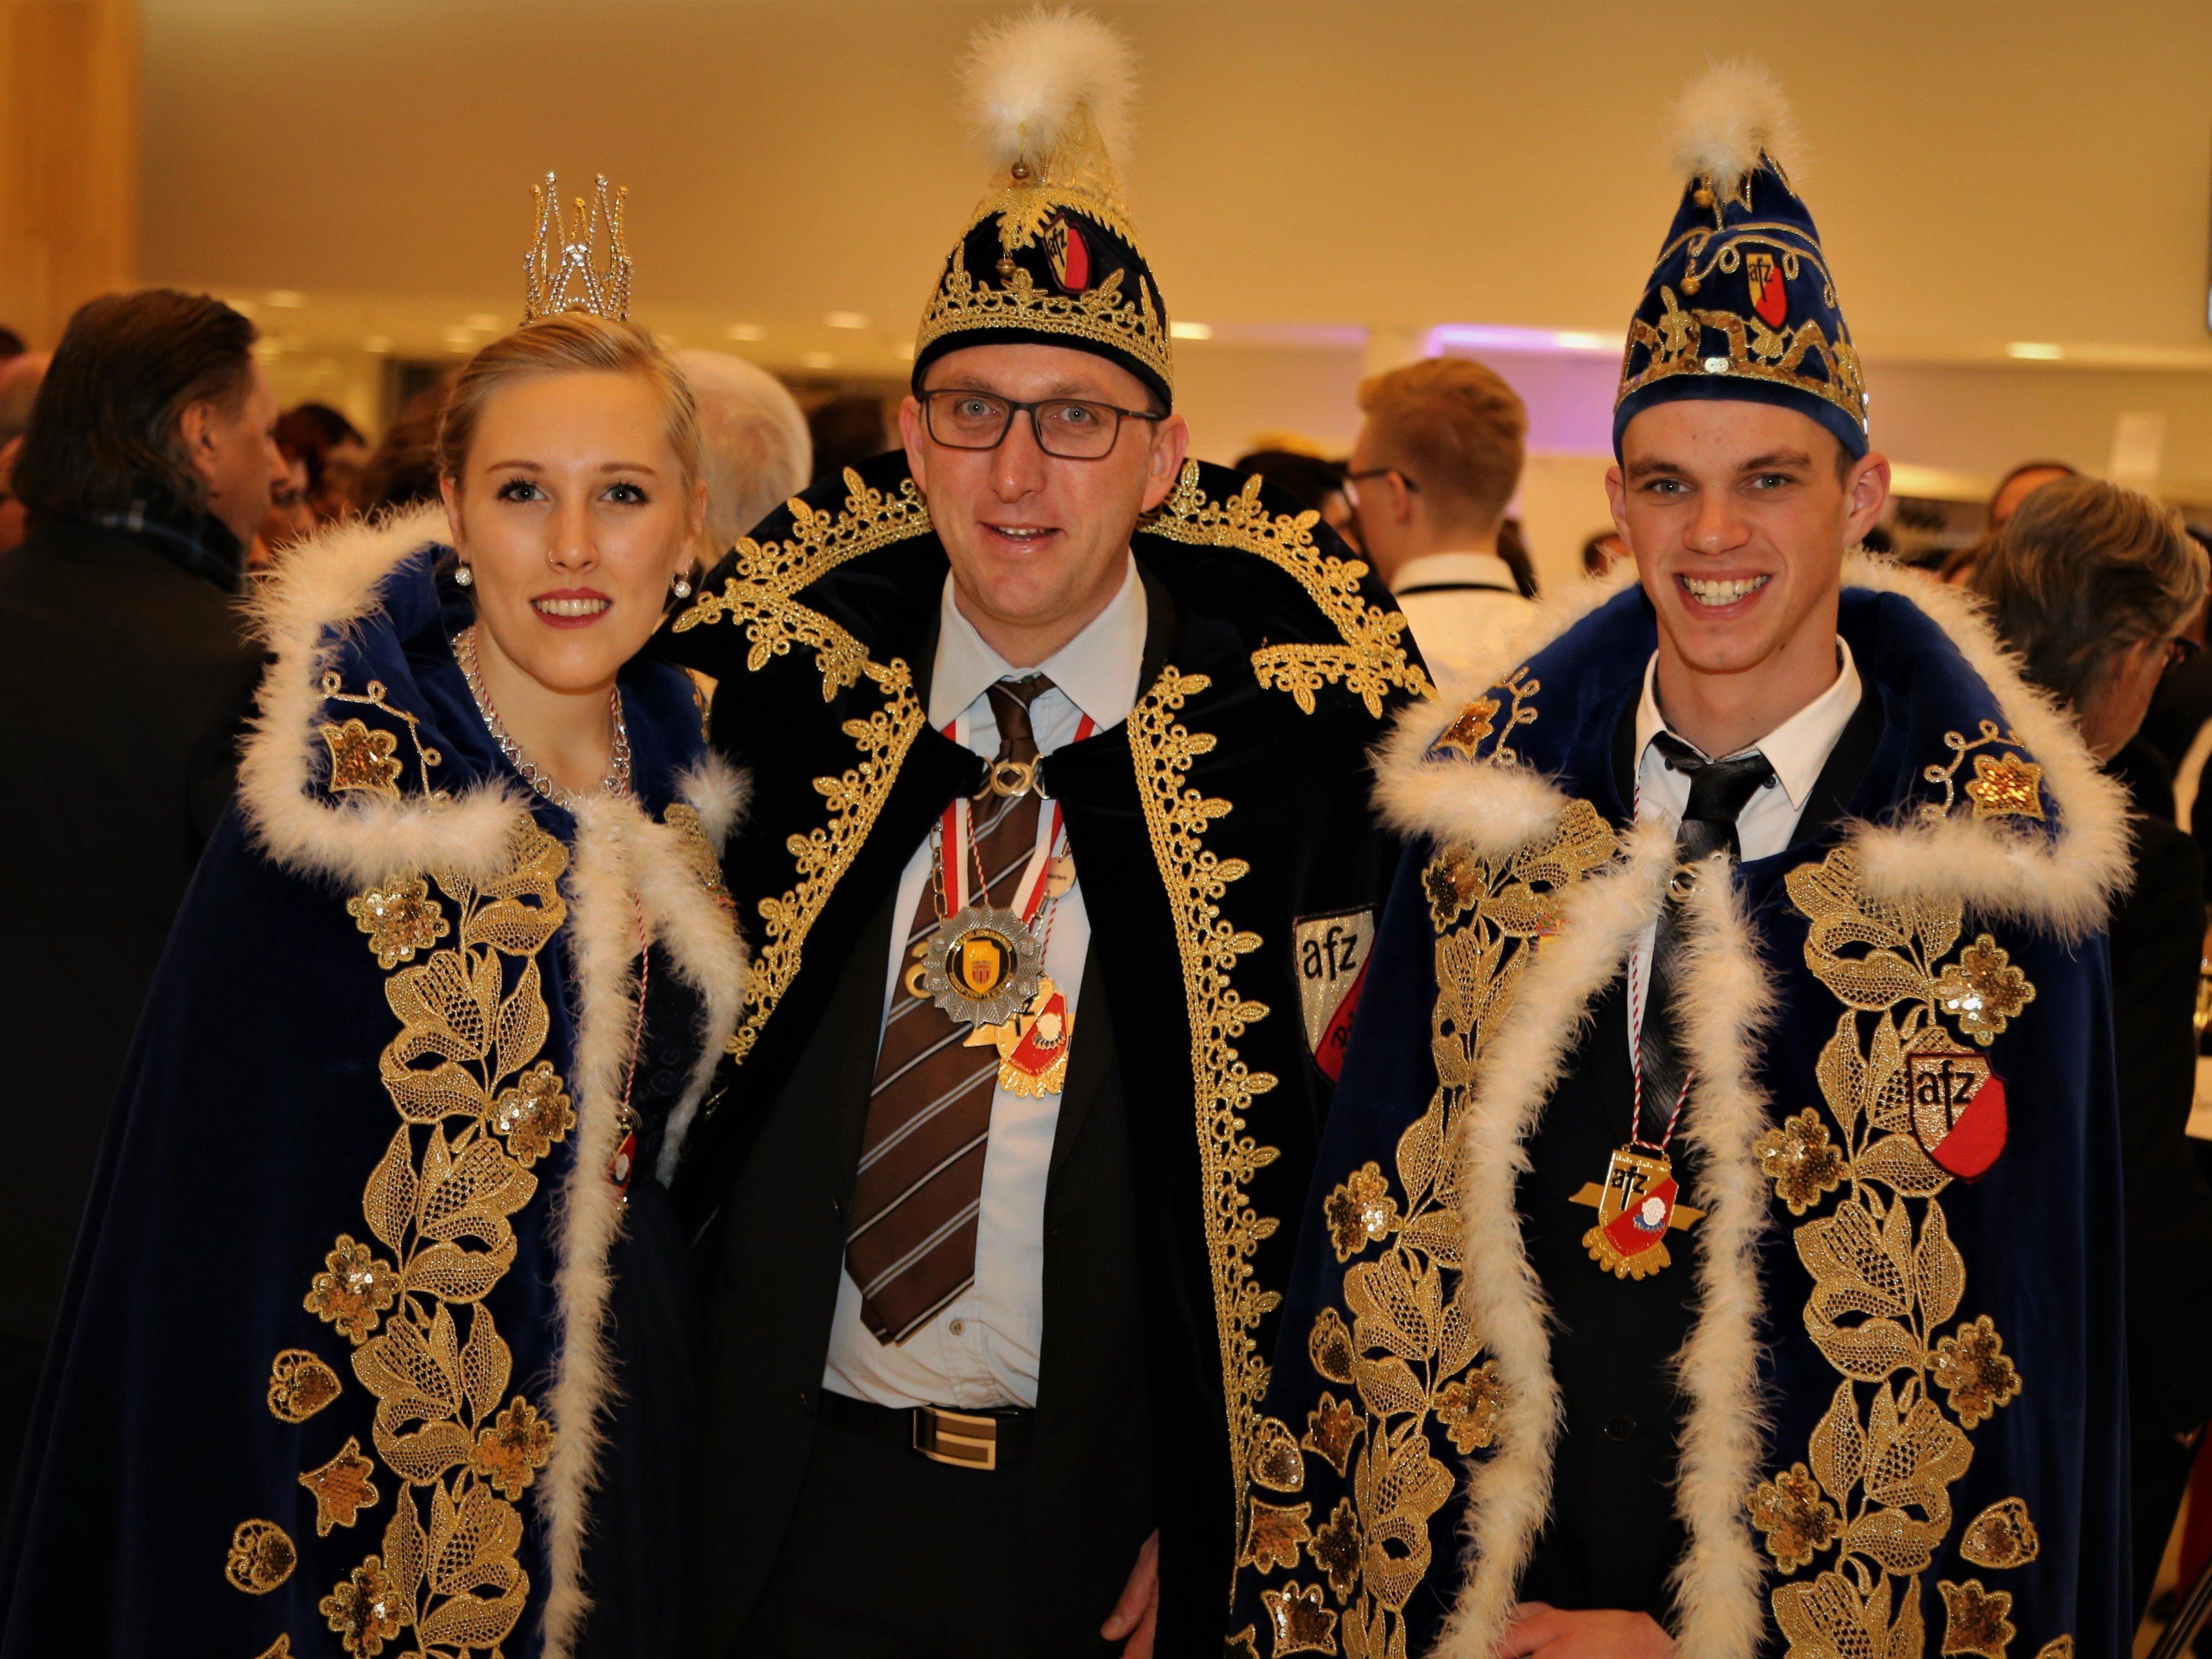 Prinzessin Christina II. und Prinz Philipp II. mit Präsident Heimo Breuss (M.).